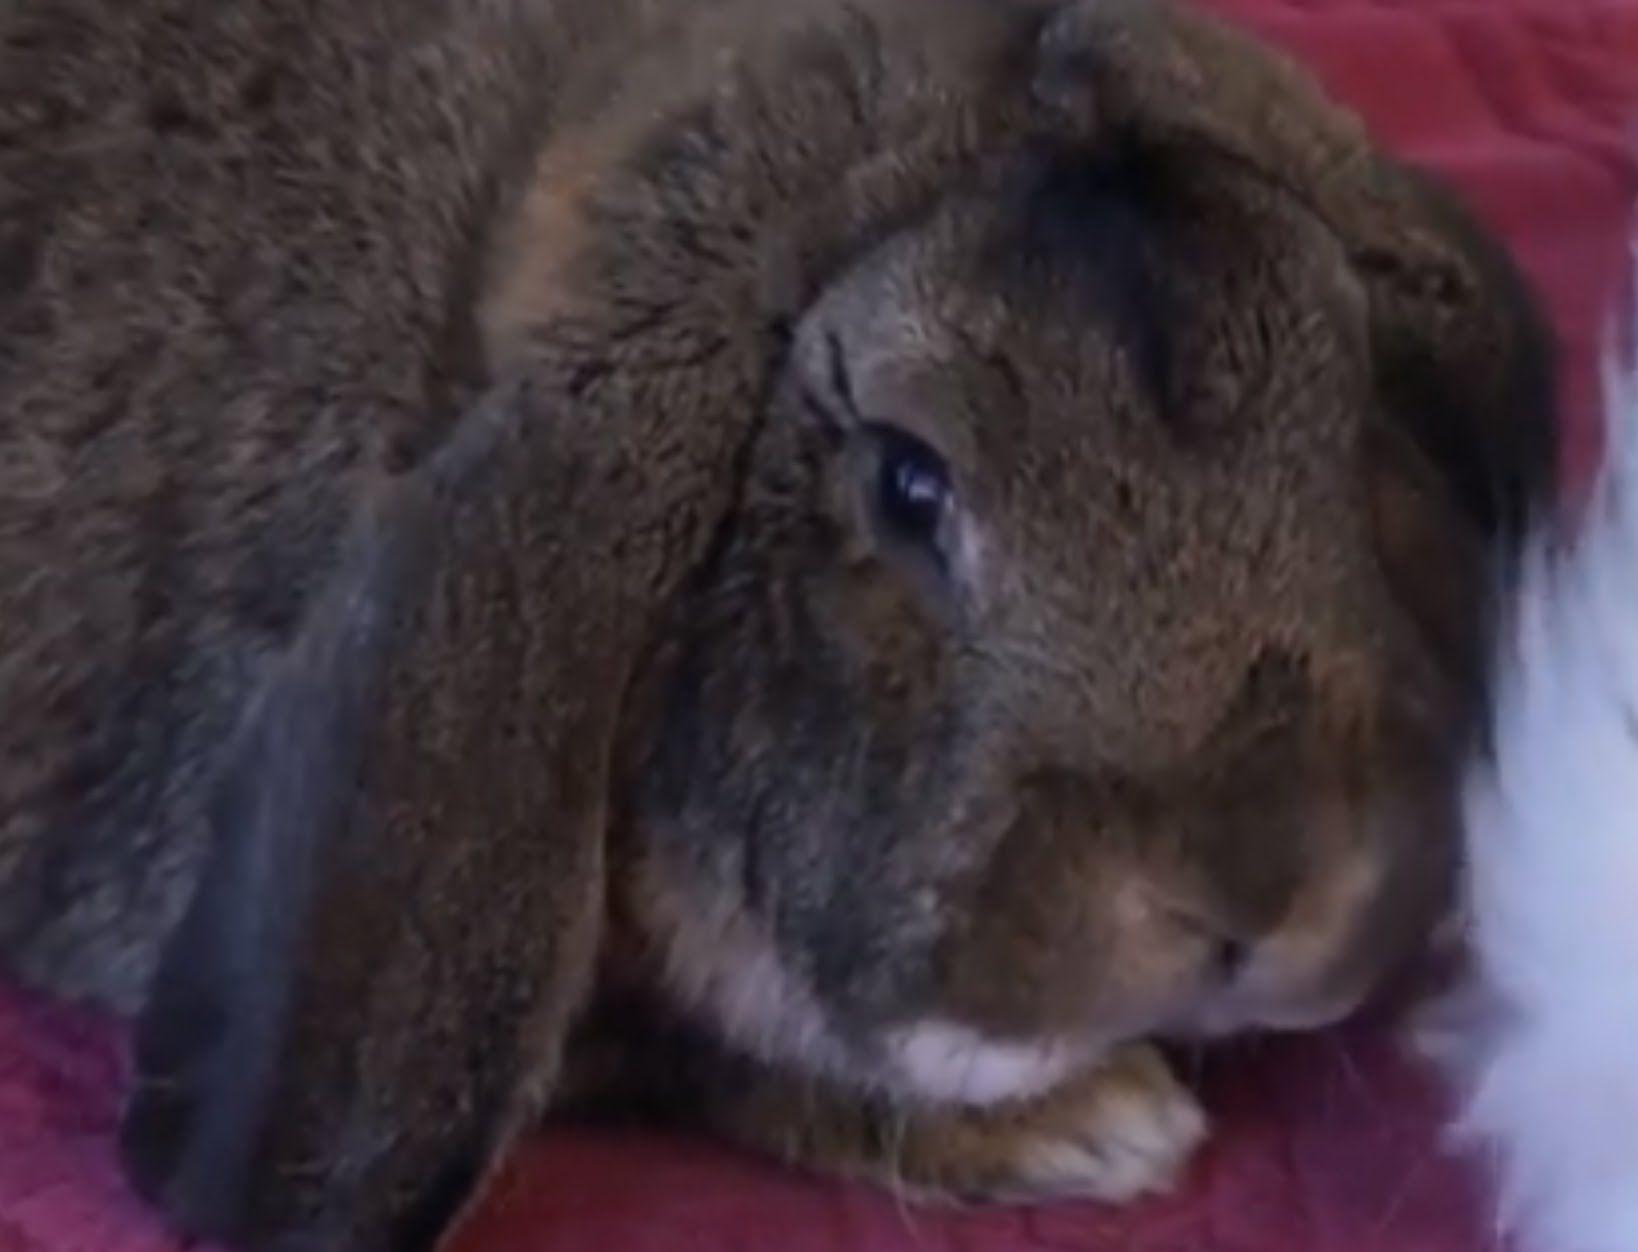 CONEJO - El conejo anciano. ¿Cómo es? ¿Qué cuidados necesita?